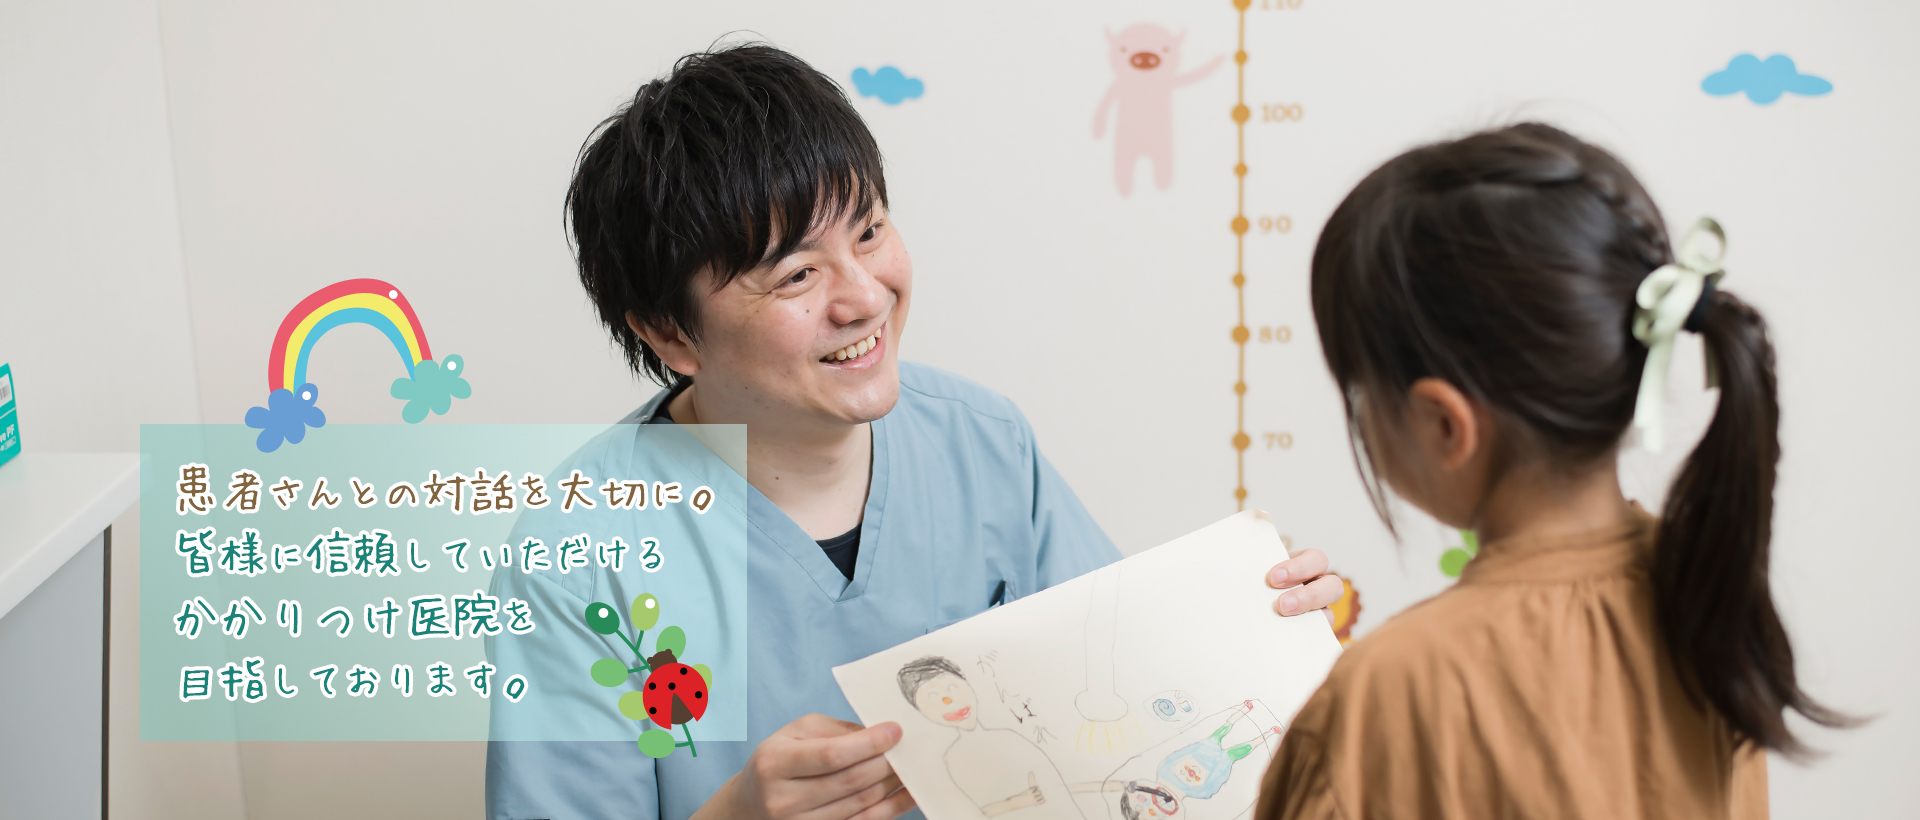 患者さんとの対話を大切に。皆様に信頼していただけるかかりつけ医院を目指しております。